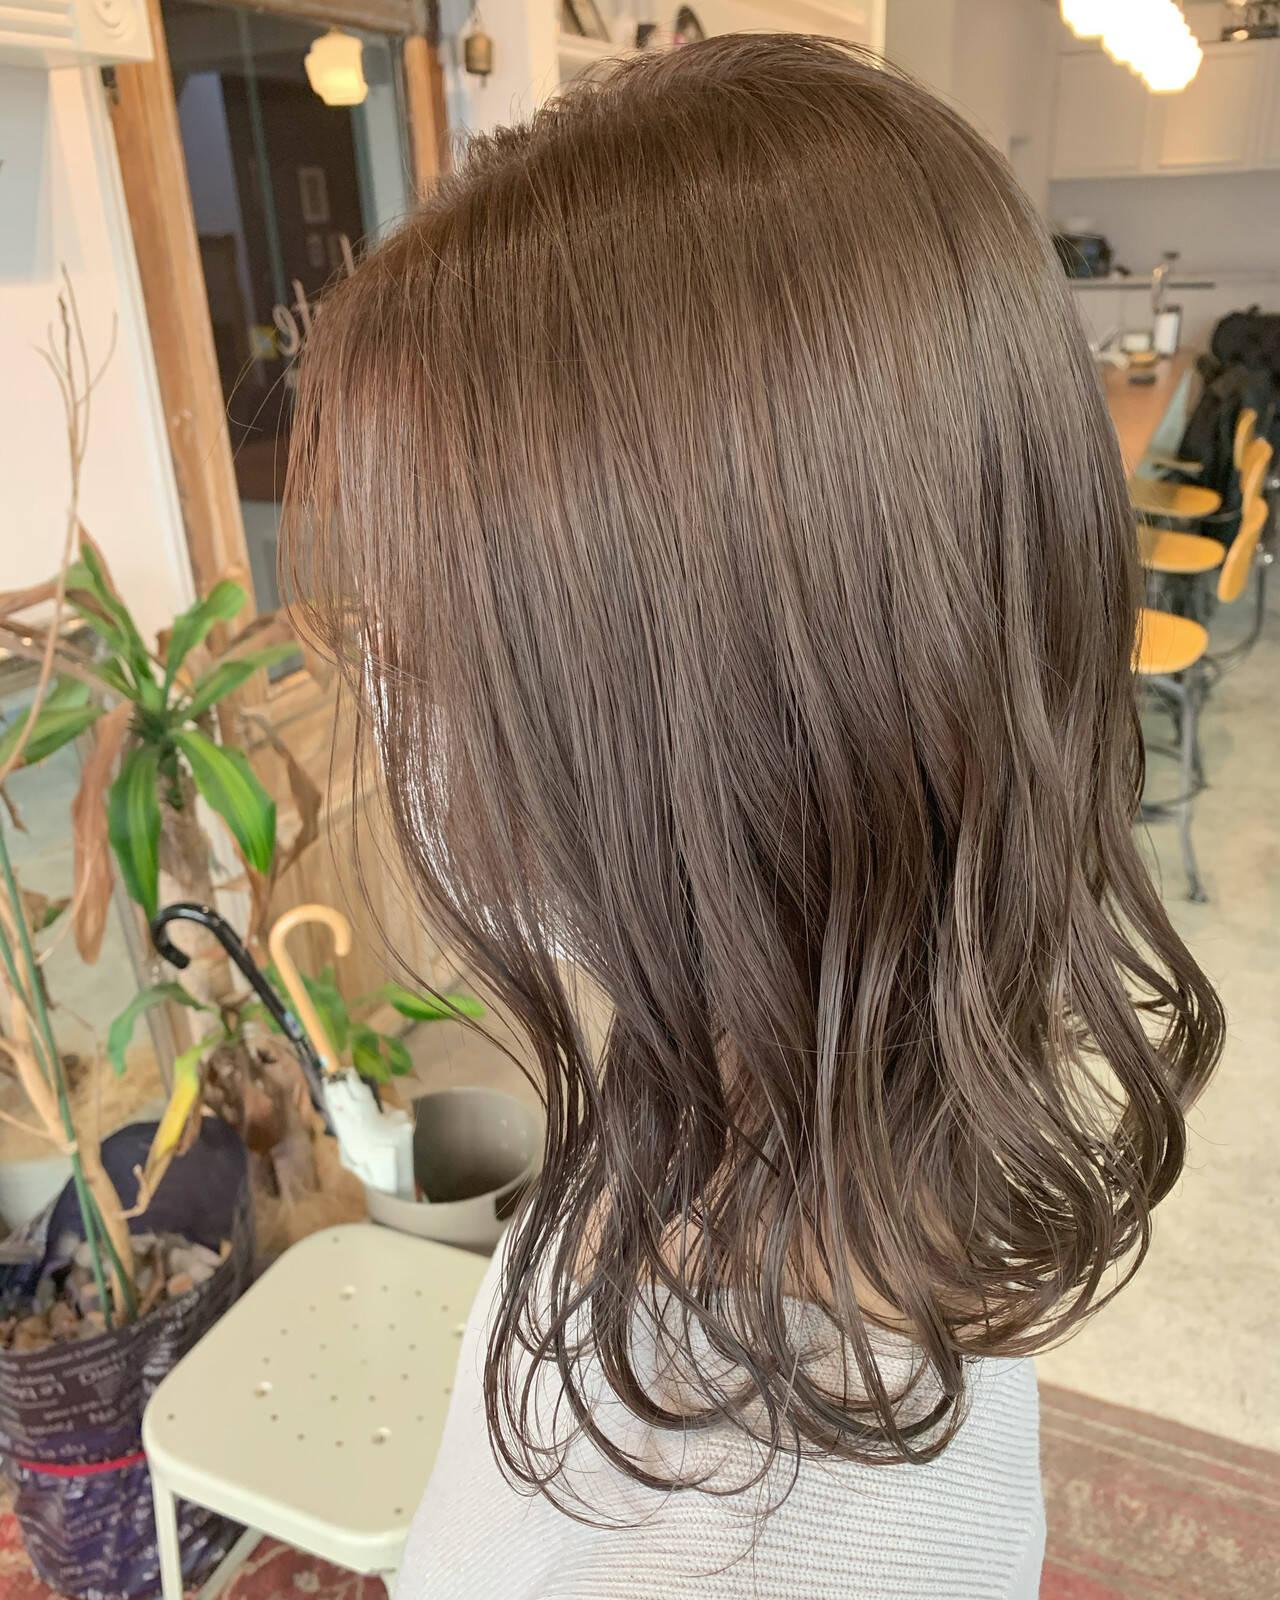 透明感カラー シアーベージュ ミディアム ベージュヘアスタイルや髪型の写真・画像